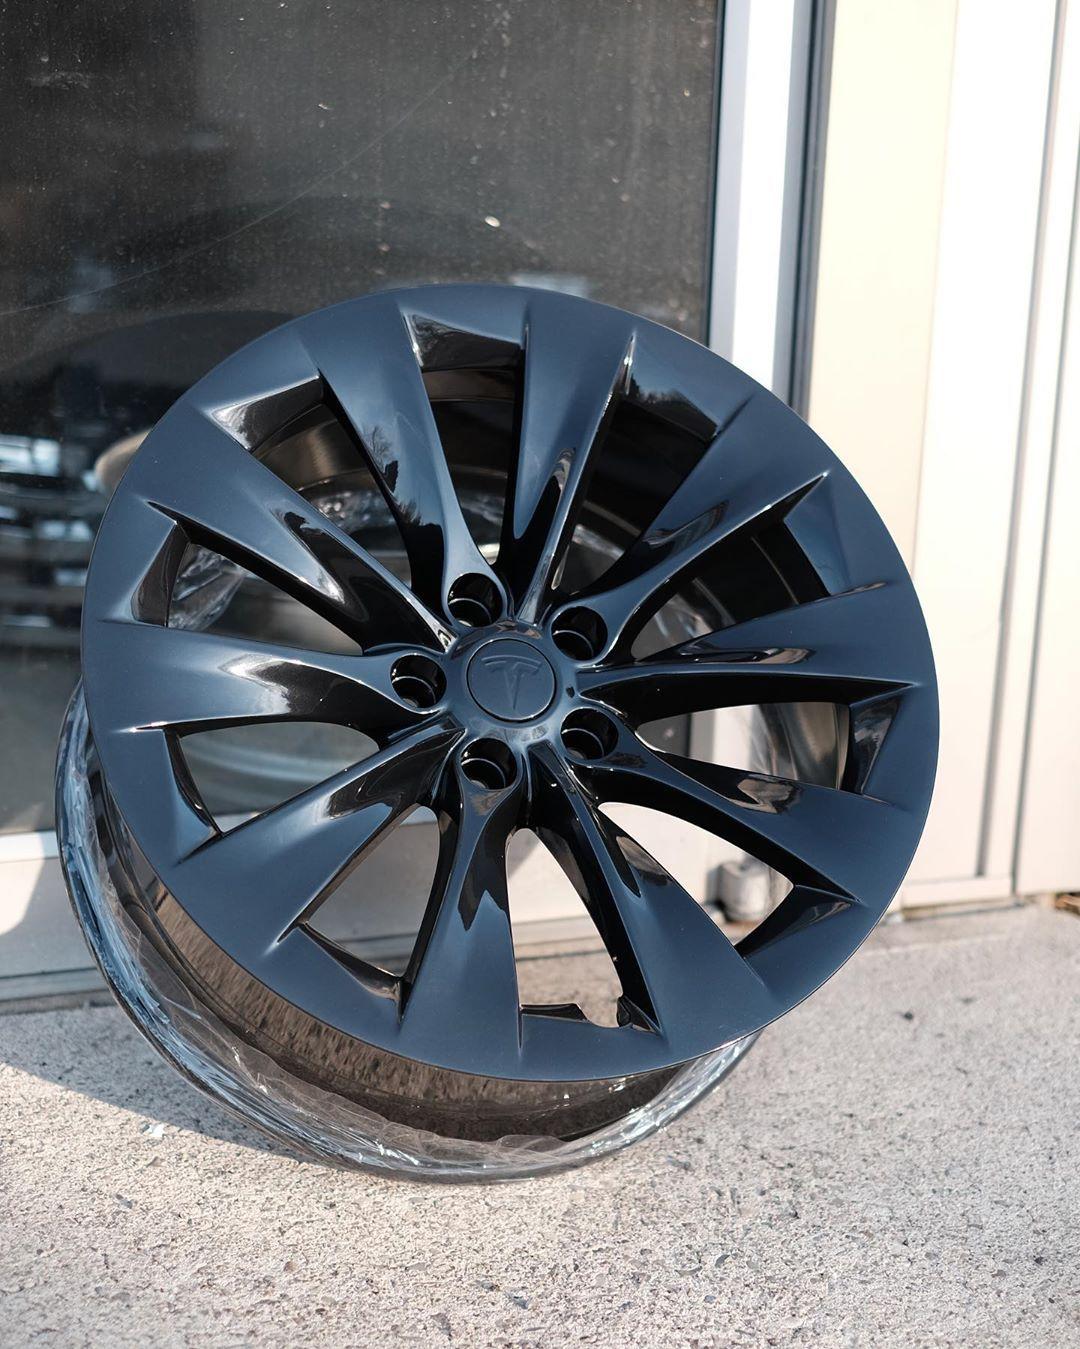 Tesla Model X Wheels Refinished In Gloss Black With Blue Flake In 2020 Tesla Model X Gloss Black Tesla Model